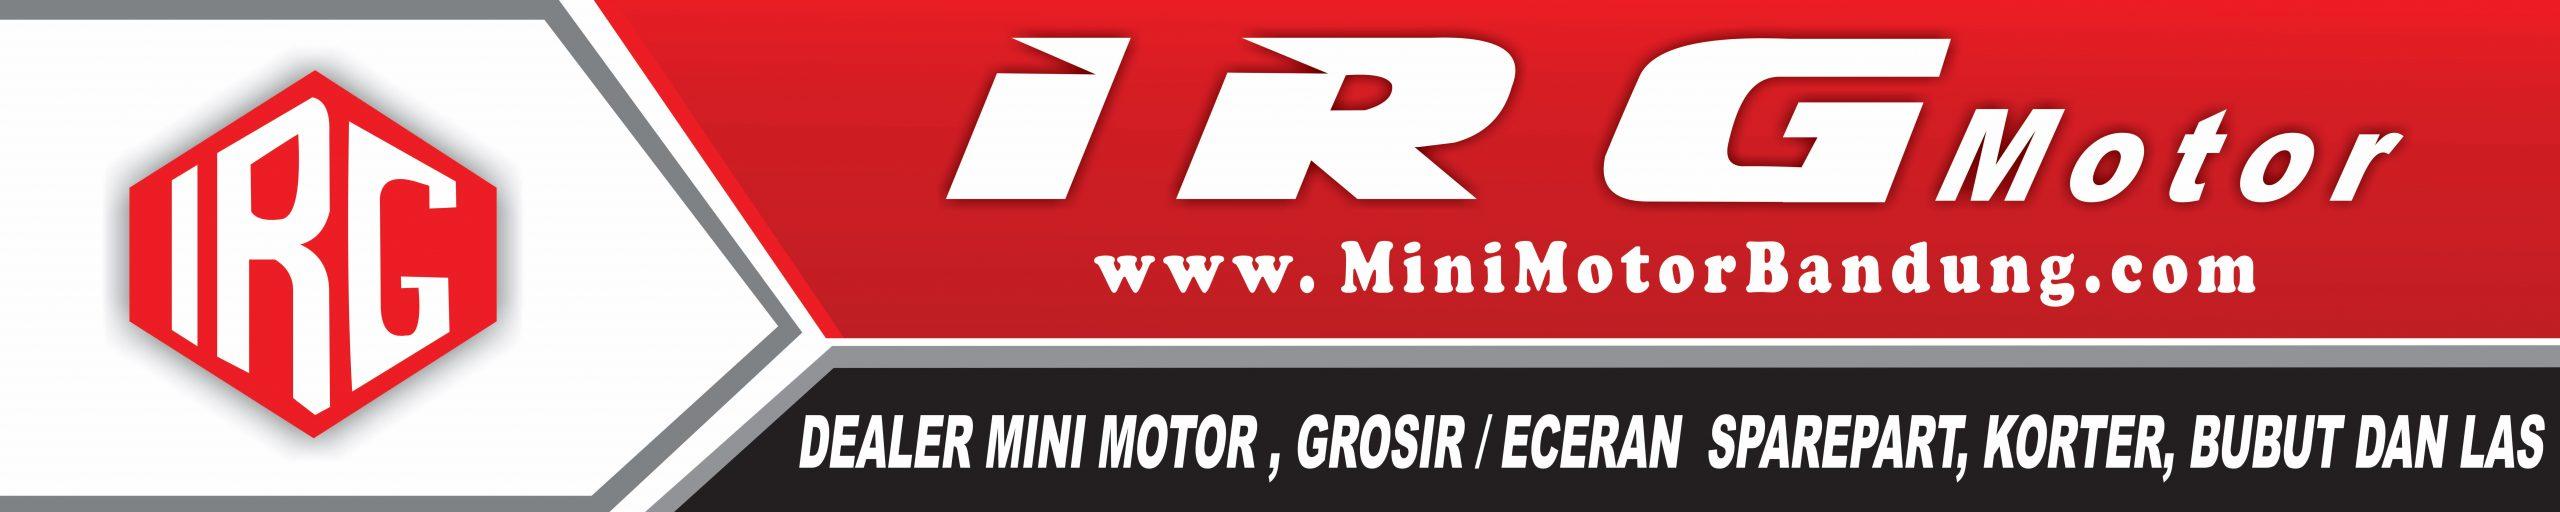 Distributor terbesar Pusat Grosir dan Jual Motor anak atau motor Mini di Bandung